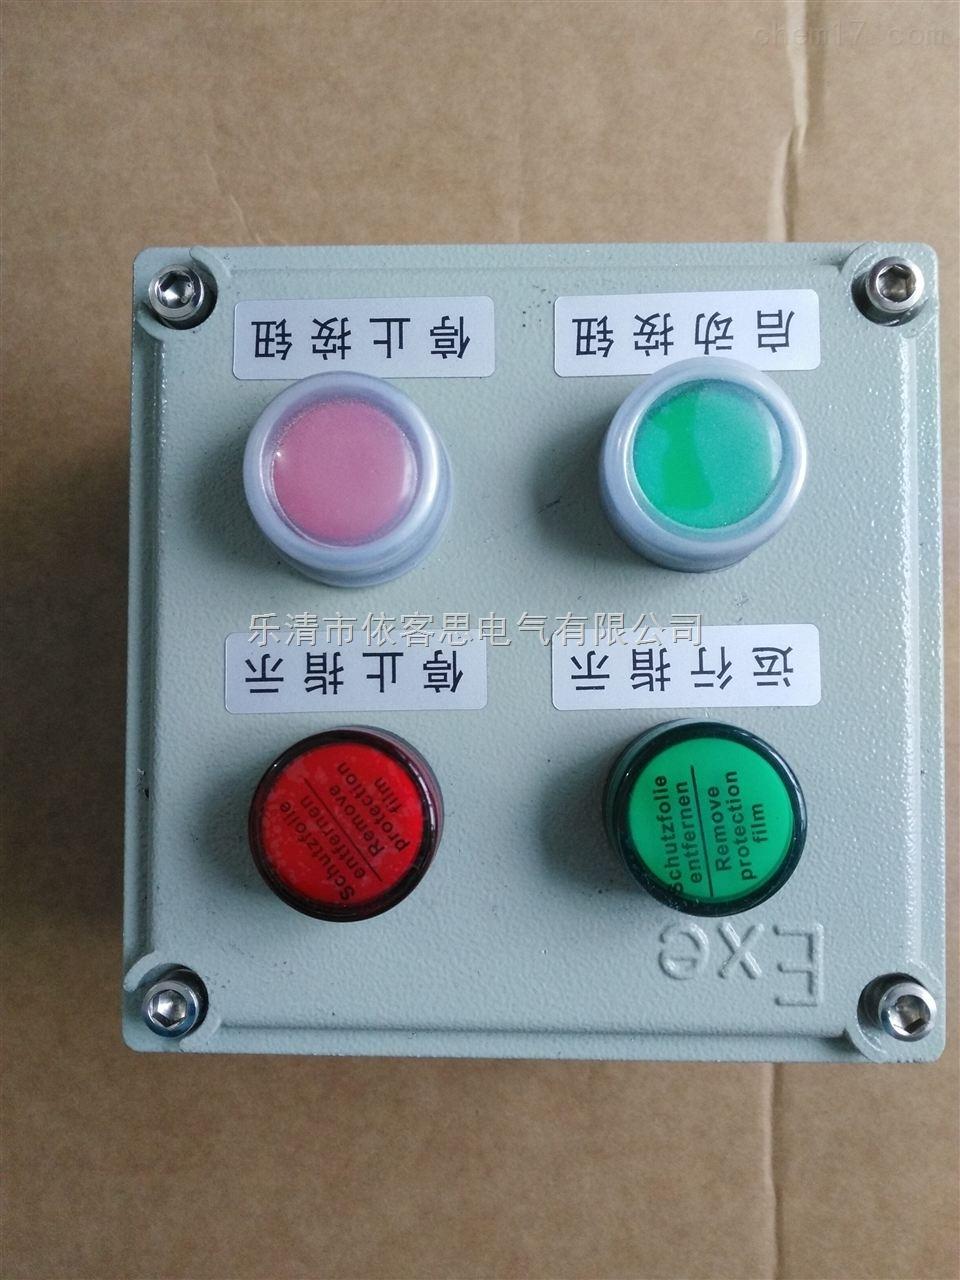 机旁防爆控制按钮盒BZC53-A2D2B1G带指针表防爆就地控制按钮箱